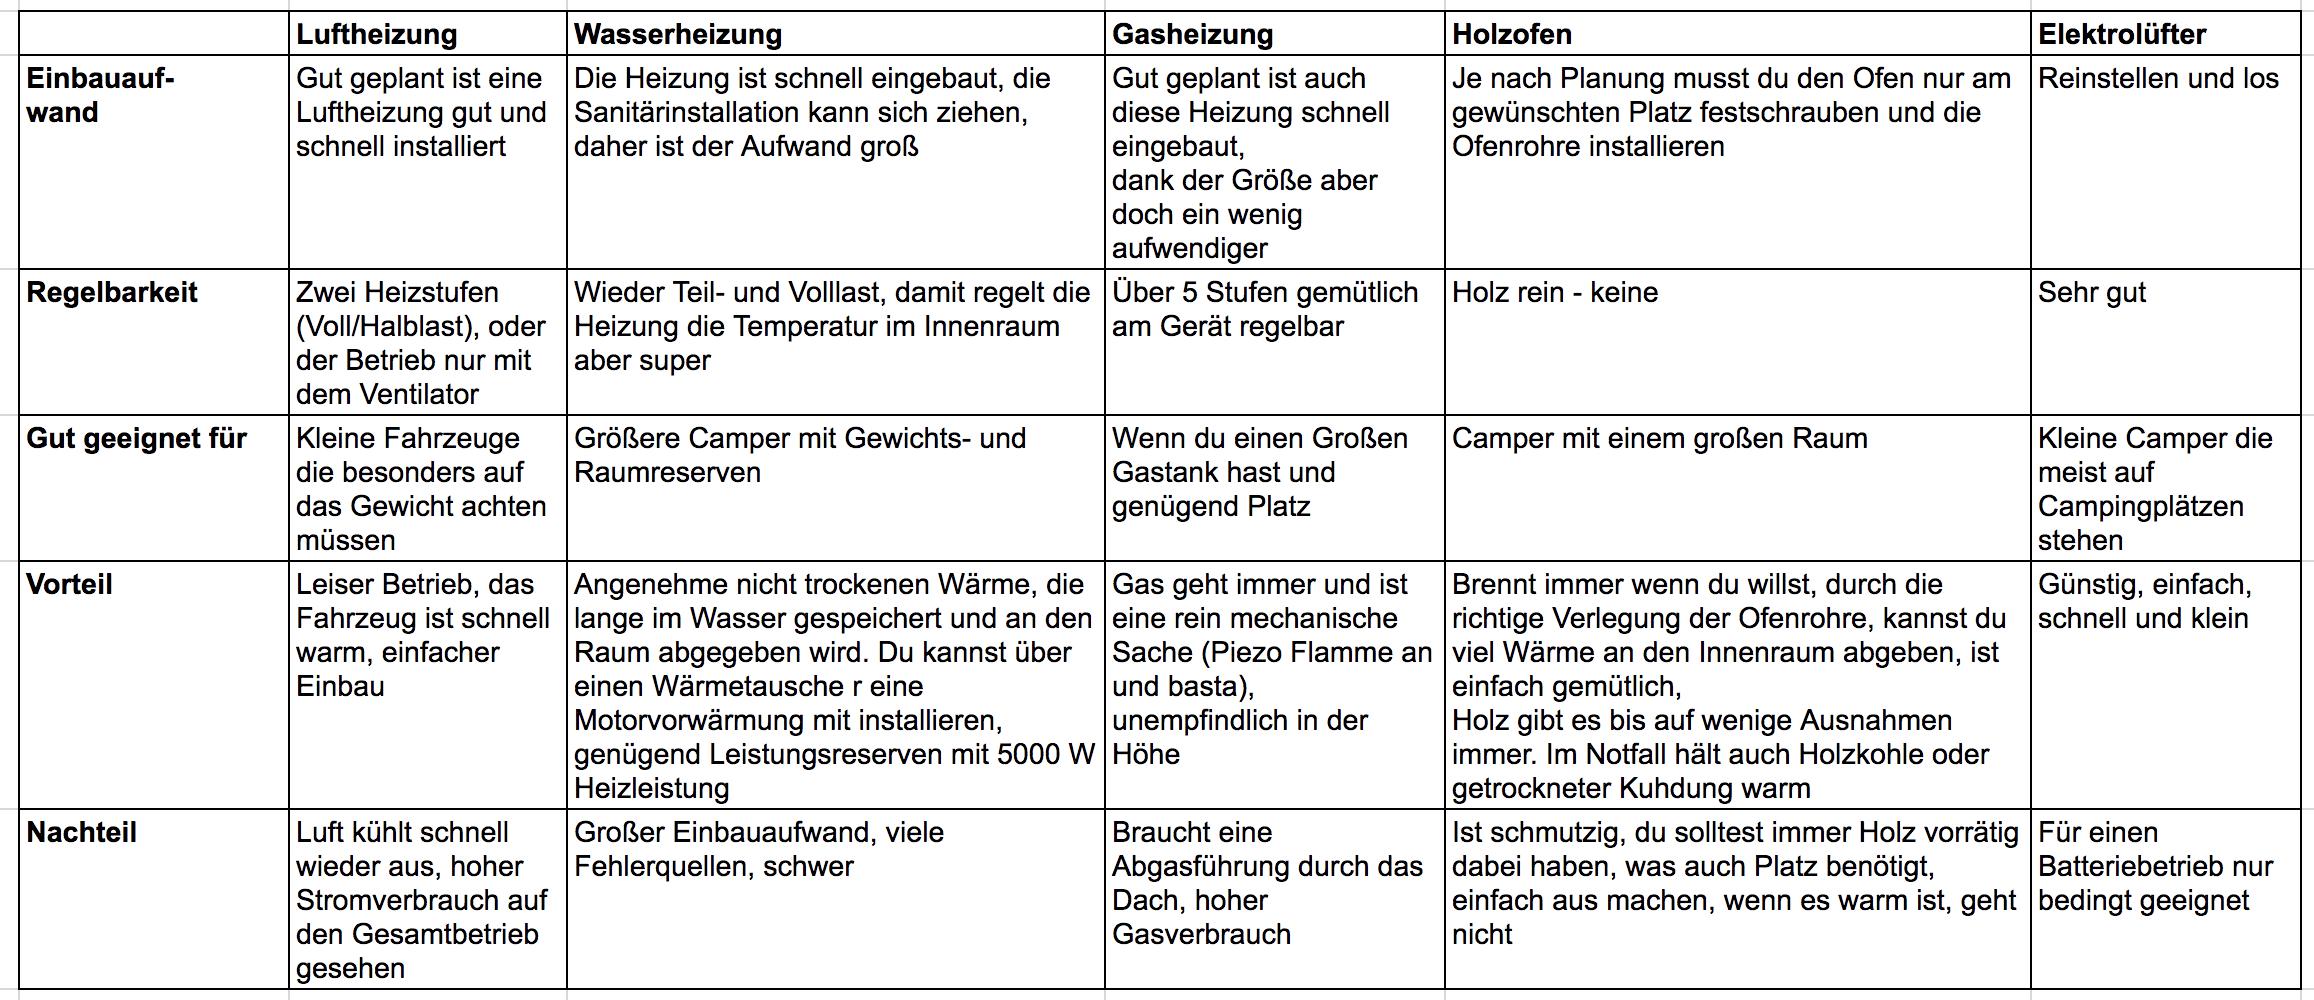 heizung-im-wohnmobil-varianten-holzofen-gasheizung-dieselheizung